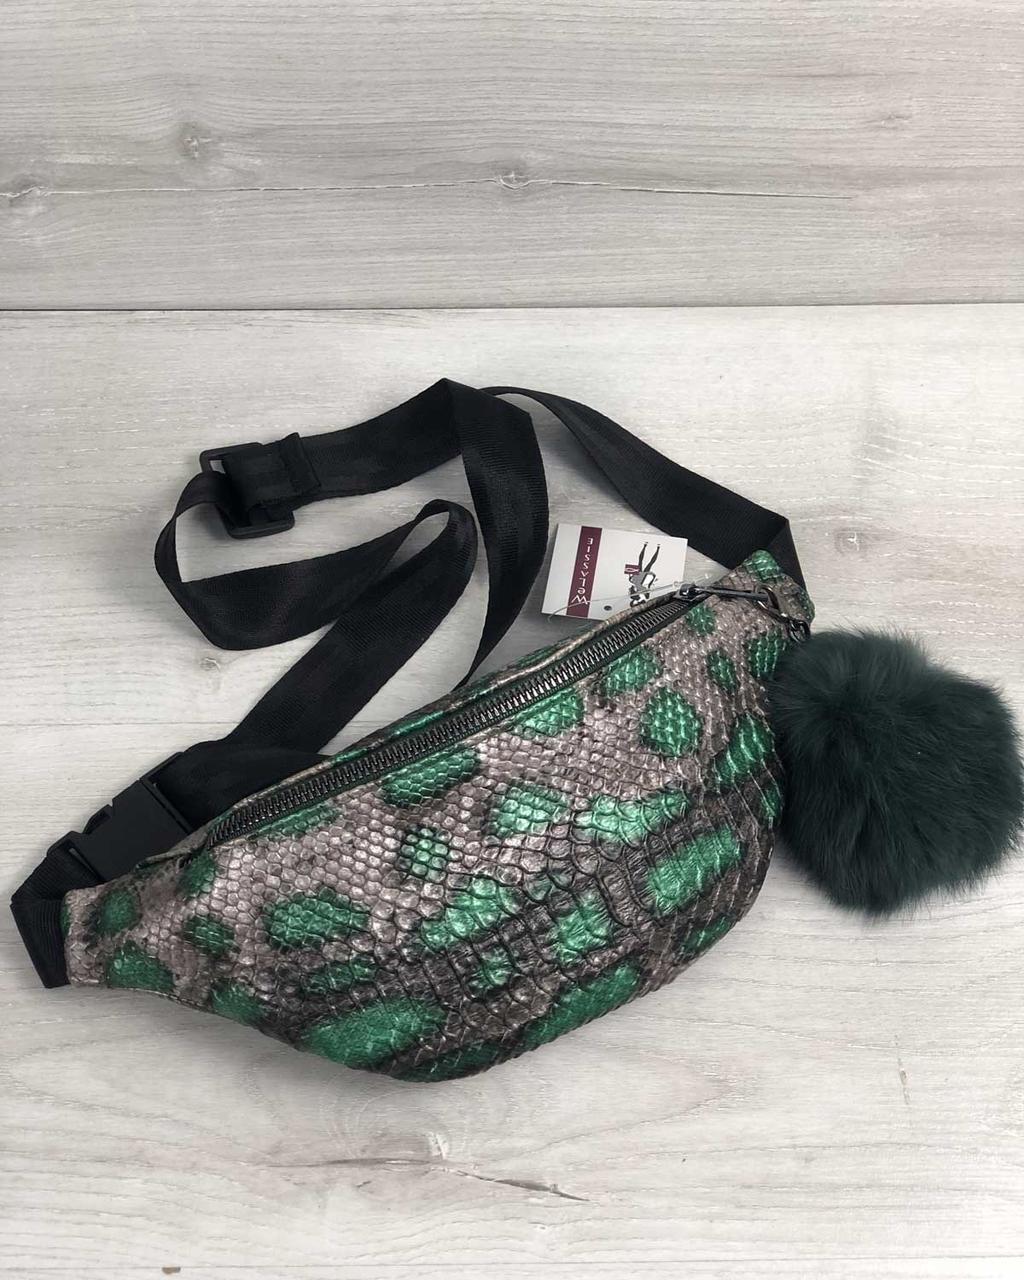 Женская сумка Бананка через плечо с пушком серебряная с зеленым змея (никель), стильная женская сумочка на